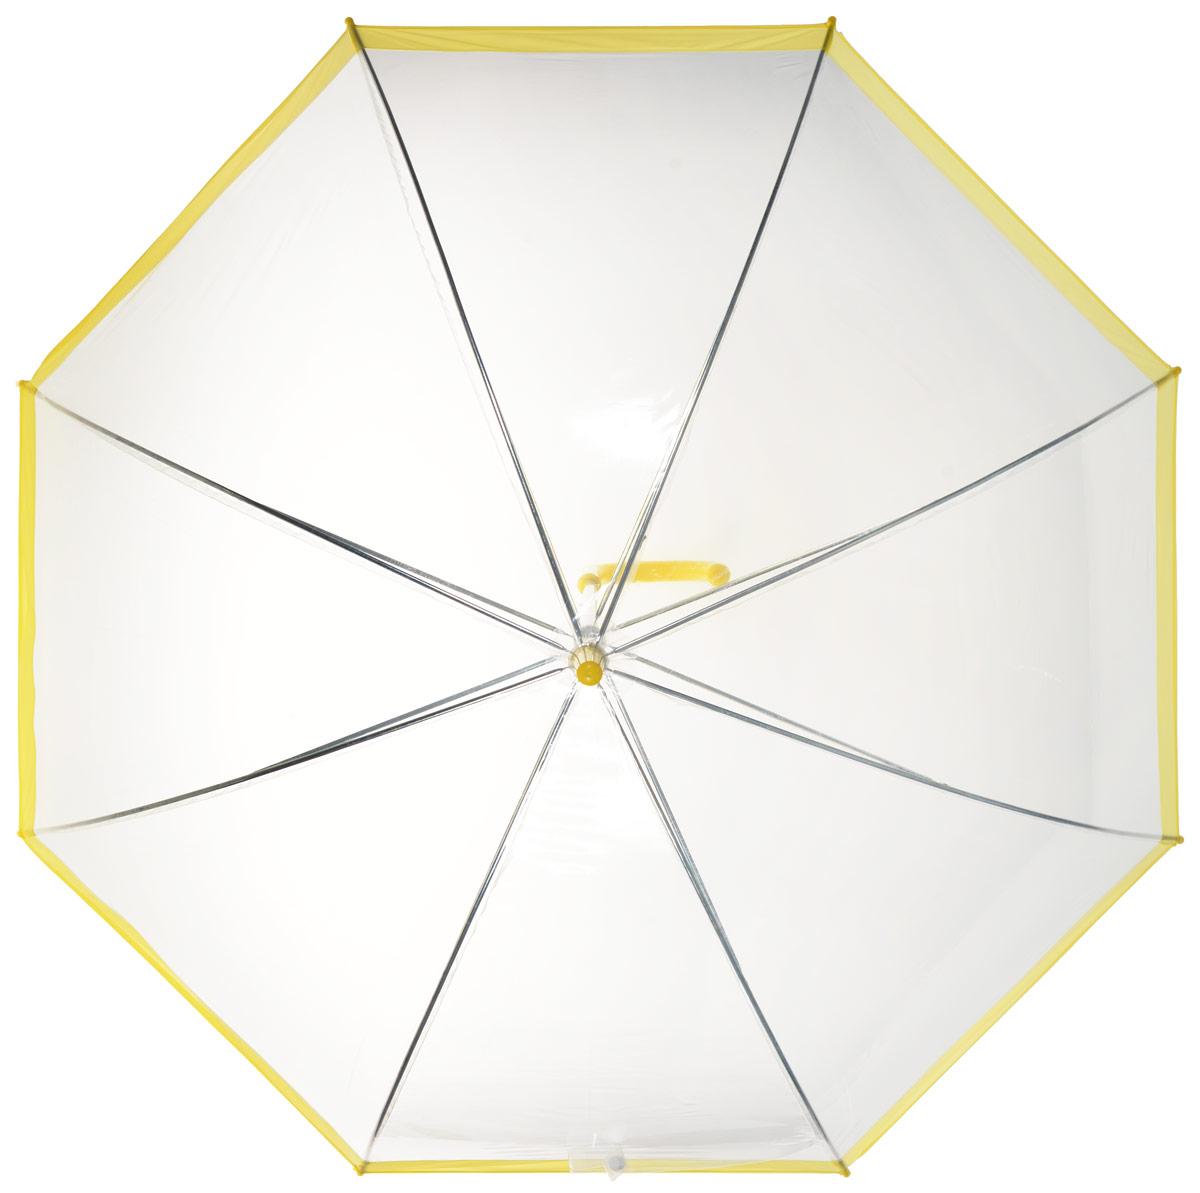 Зонт-трость женский Эврика, механика, цвет: прозрачный, желтый. 9486294862Оригинальный и элегантный женский зонт-трость Эврика порадует своим оформлением даже в ненастную погоду. Зонт состоит из восьми спиц и стержня выполненных из качественного металла. Купол выполнен из качественного ПВХ, который не пропускает воду. Зонт дополнен удобной пластиковой ручкой в виде крючка. Изделие имеет механический способ сложения: и купол, и стержень открываются и закрываются вручную до характерного щелчка. Зонт закрывается хлястиком на кнопку. Зонт имеет прозрачную текстуру, что позволяет видеть обстановку вокруг себя. Такой зонт не оставит вас незамеченной.